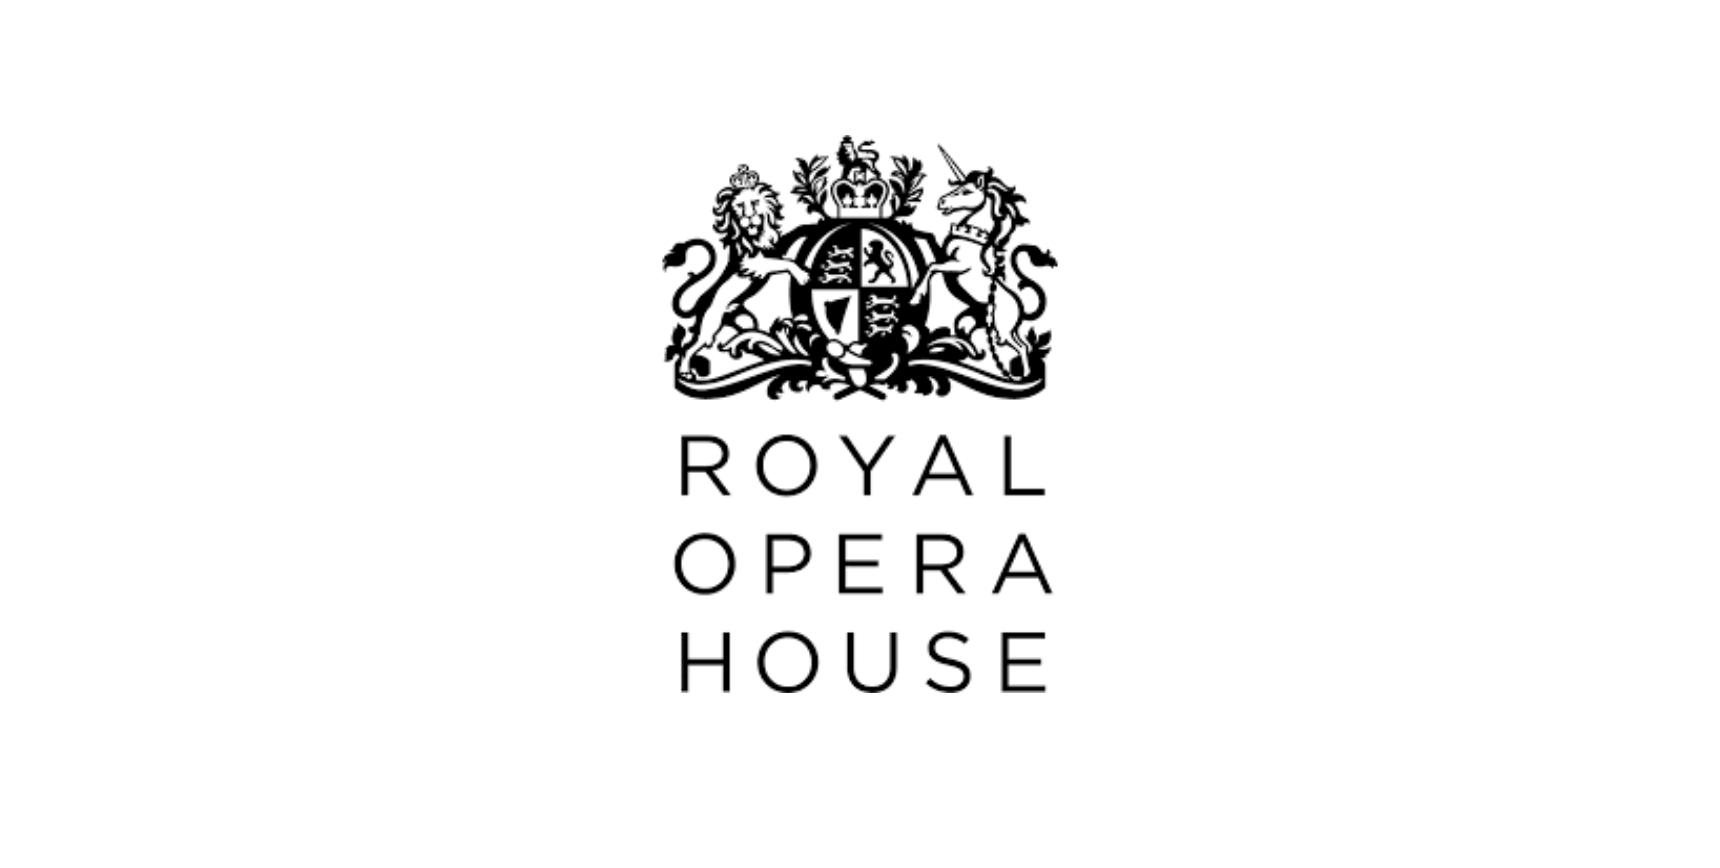 Royal Opera House announces season 21/22